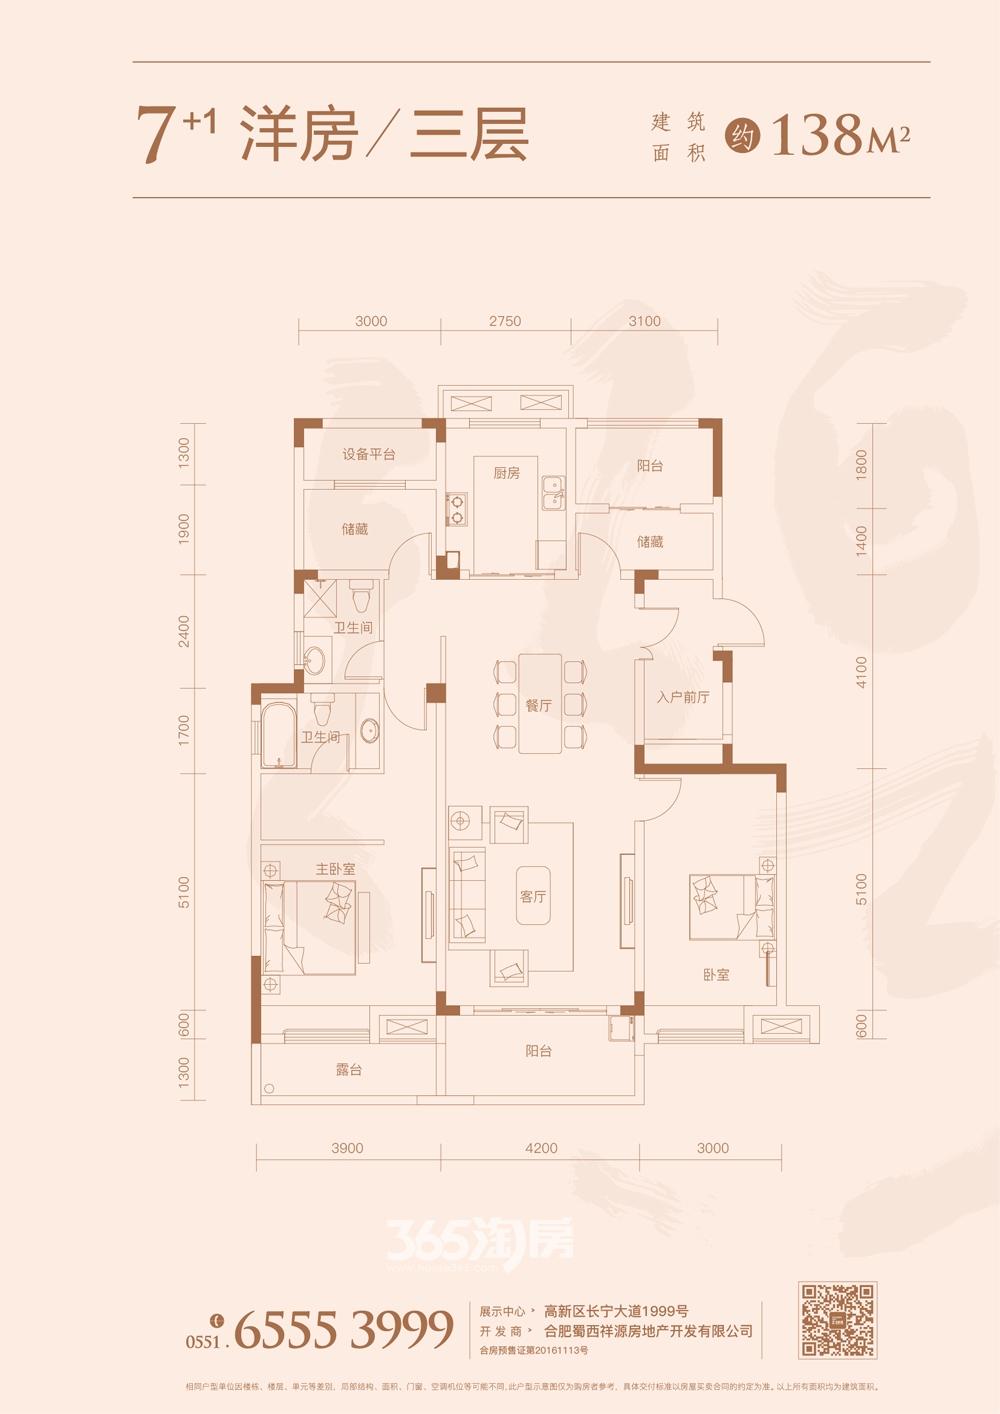 祥源金港湾7+1洋房三层户型图